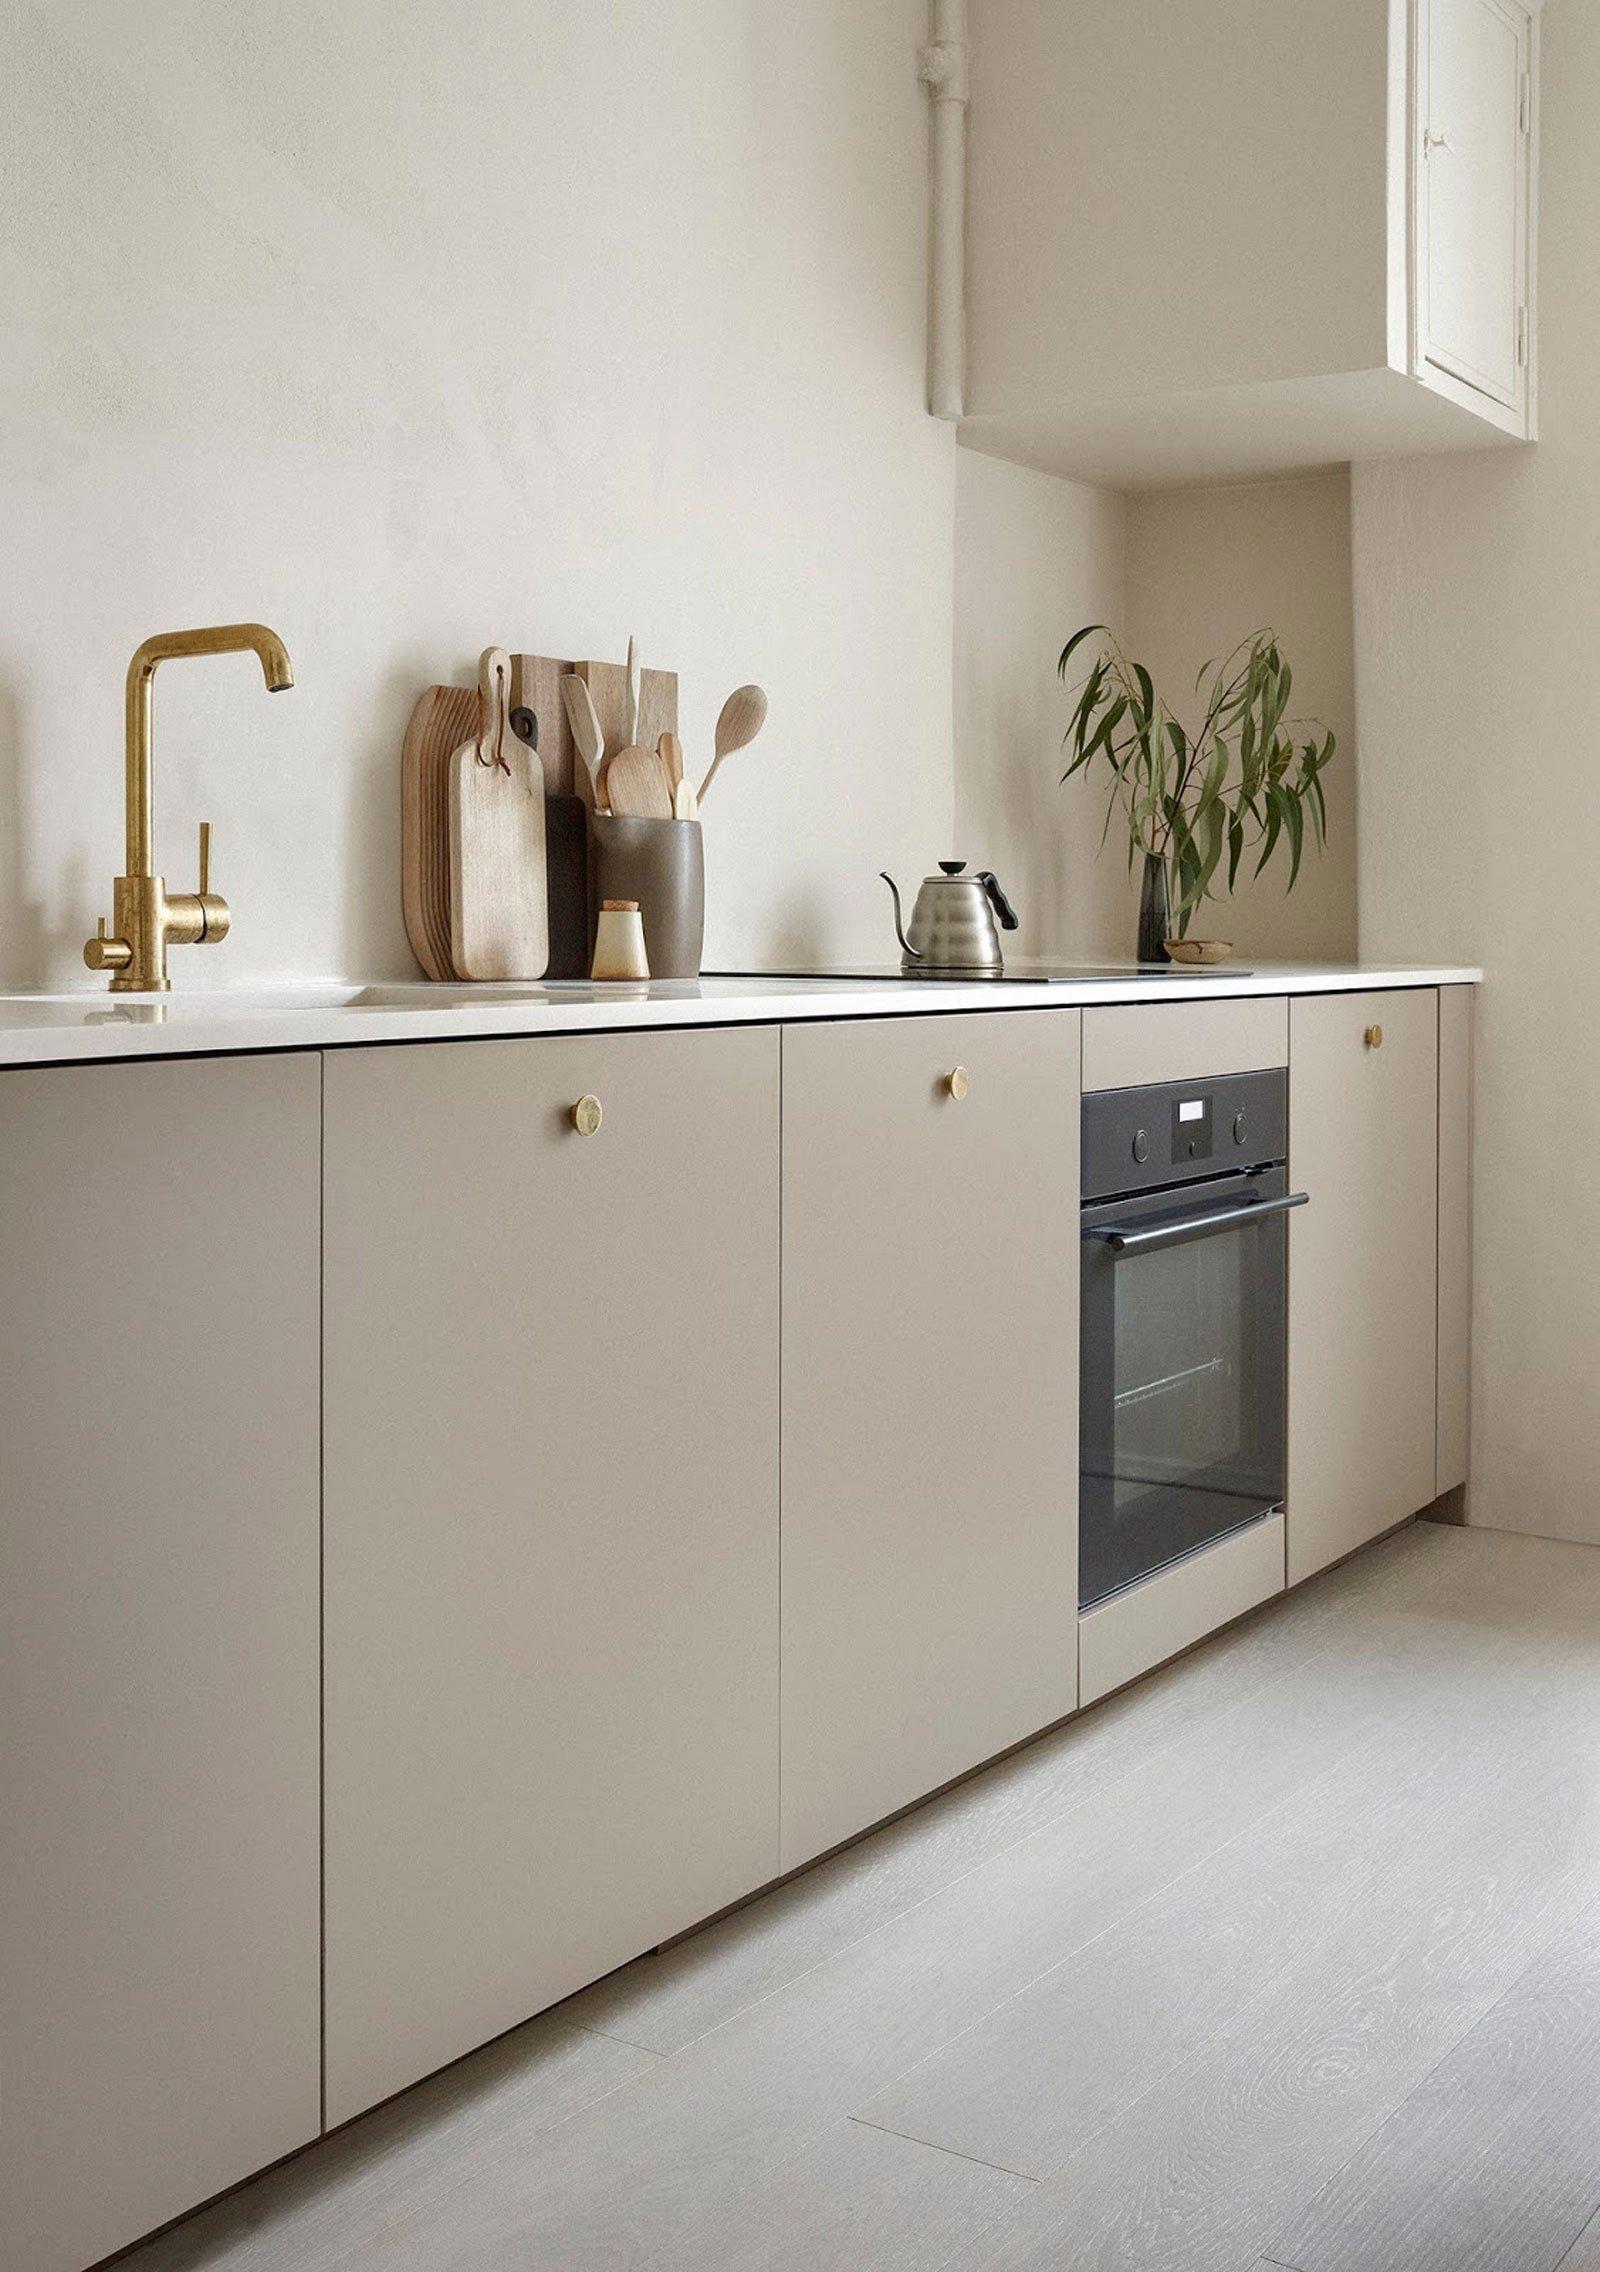 kitchen inspiration beige gold minimal nordic